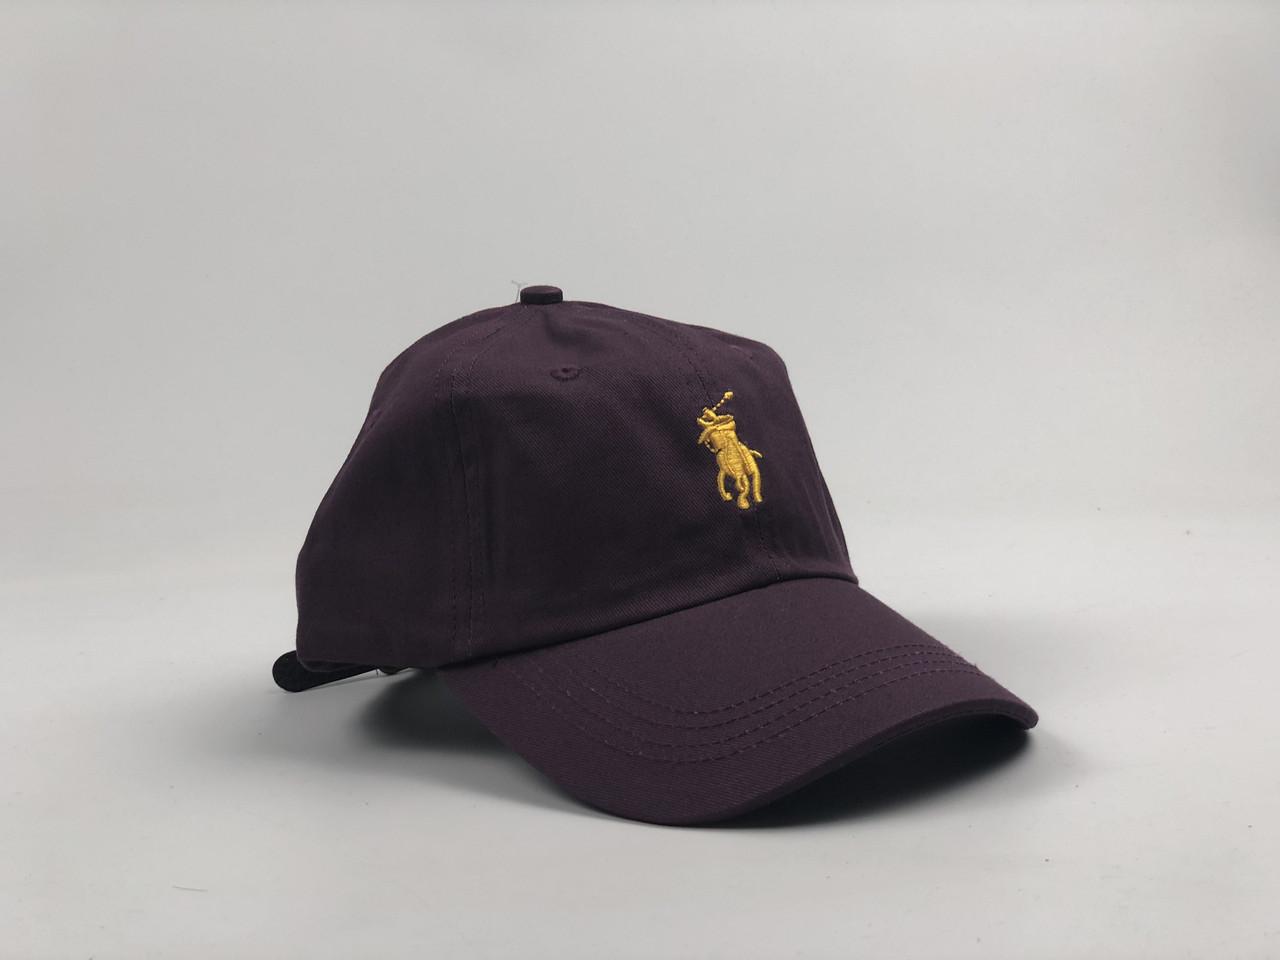 Кепка Бейсболка Мужская Женская Polo Ralph Lauren с кожаным ремешком Фиолетовая с Желтым лого